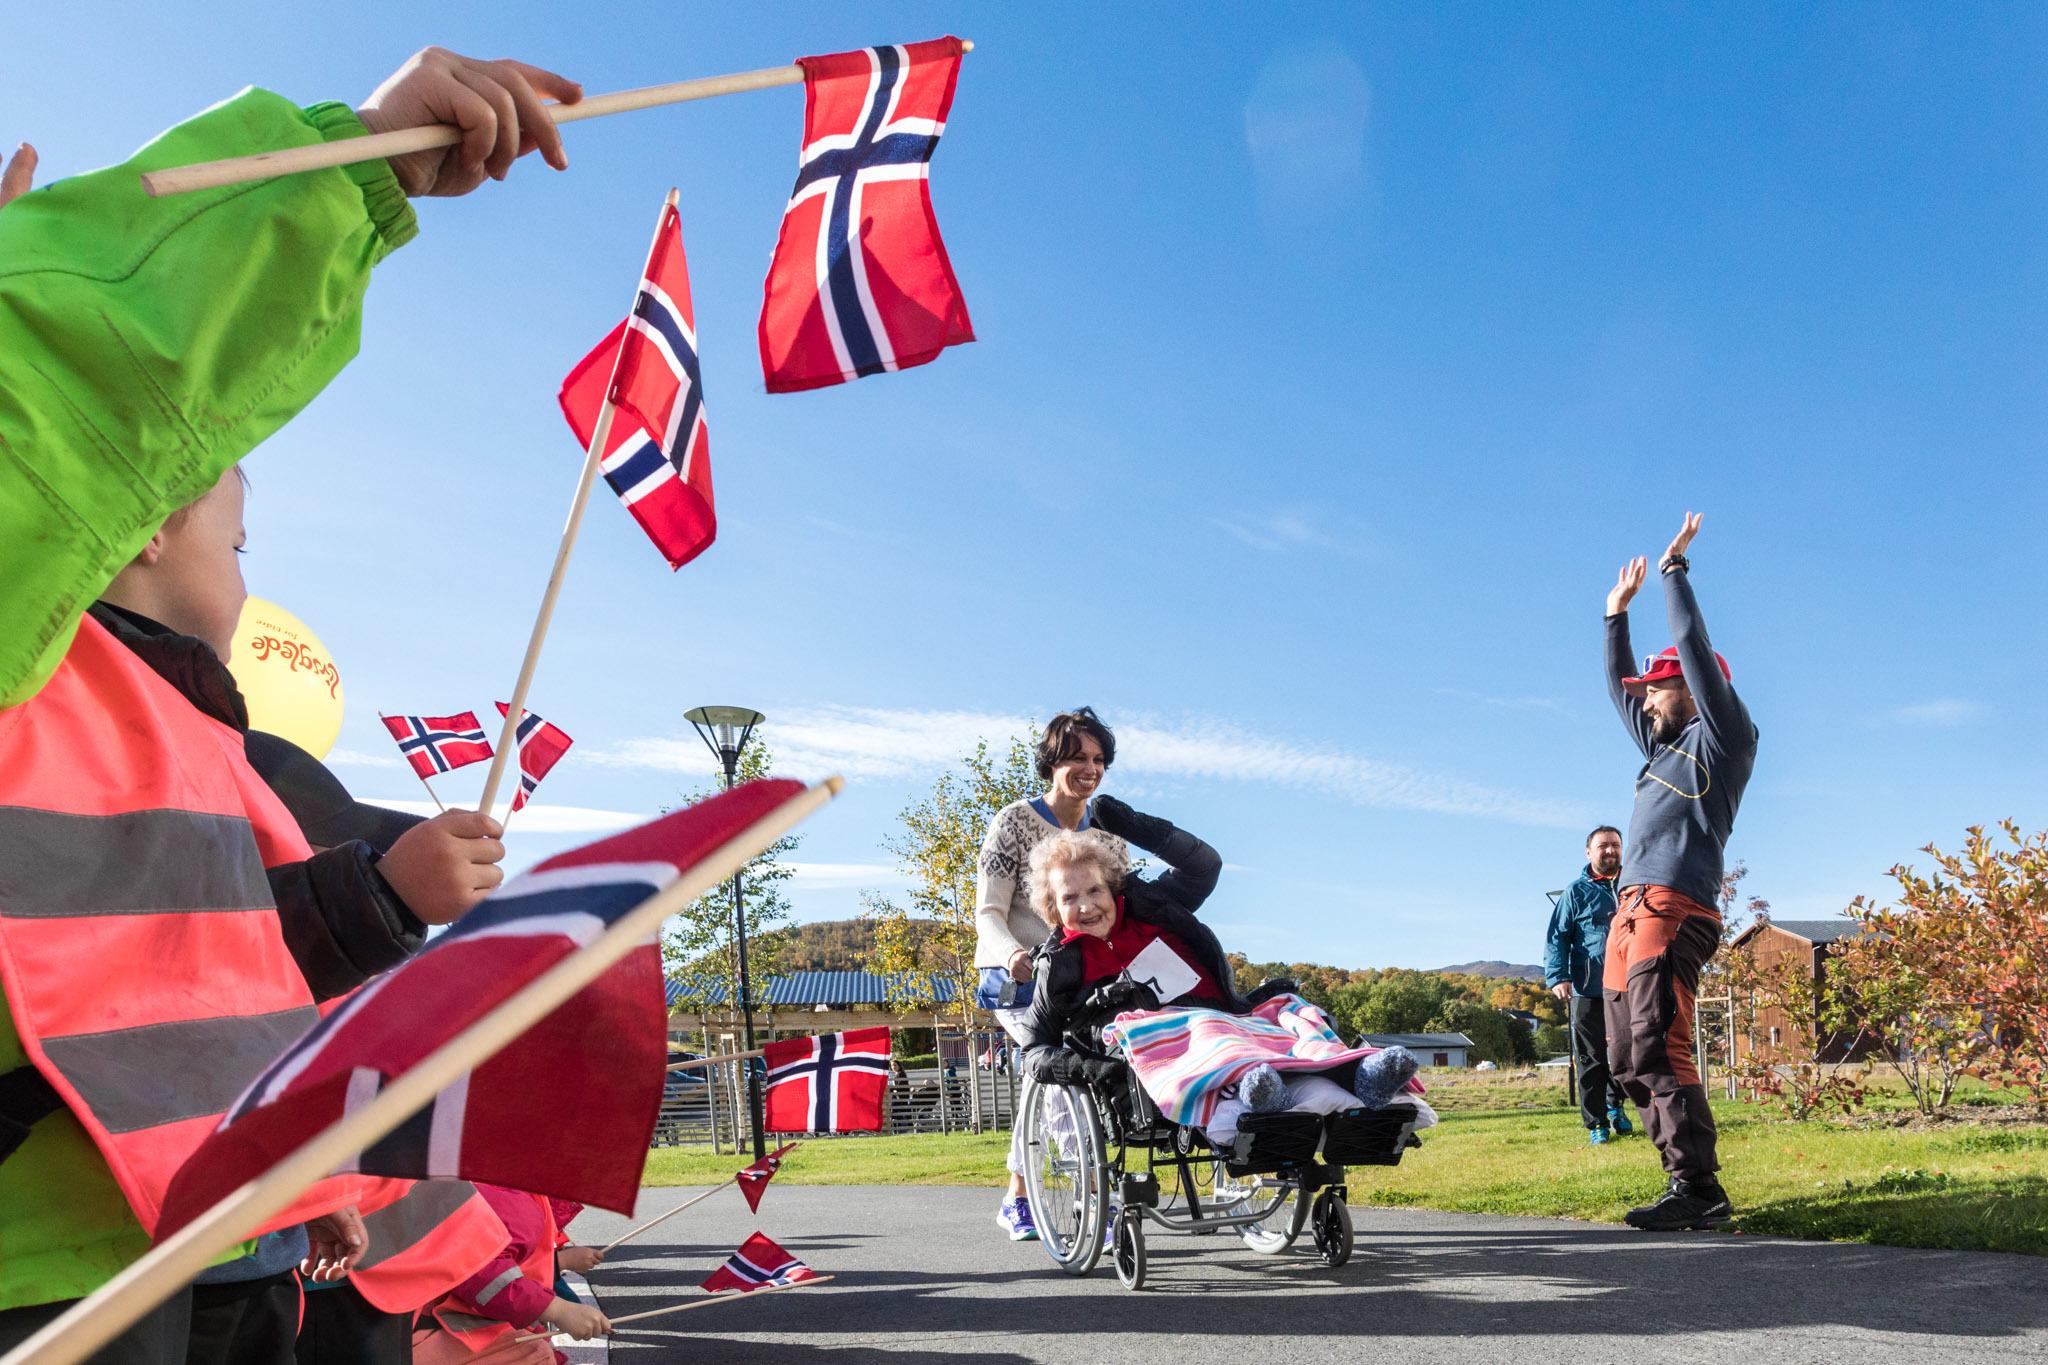 Foto: Øivind Arvola